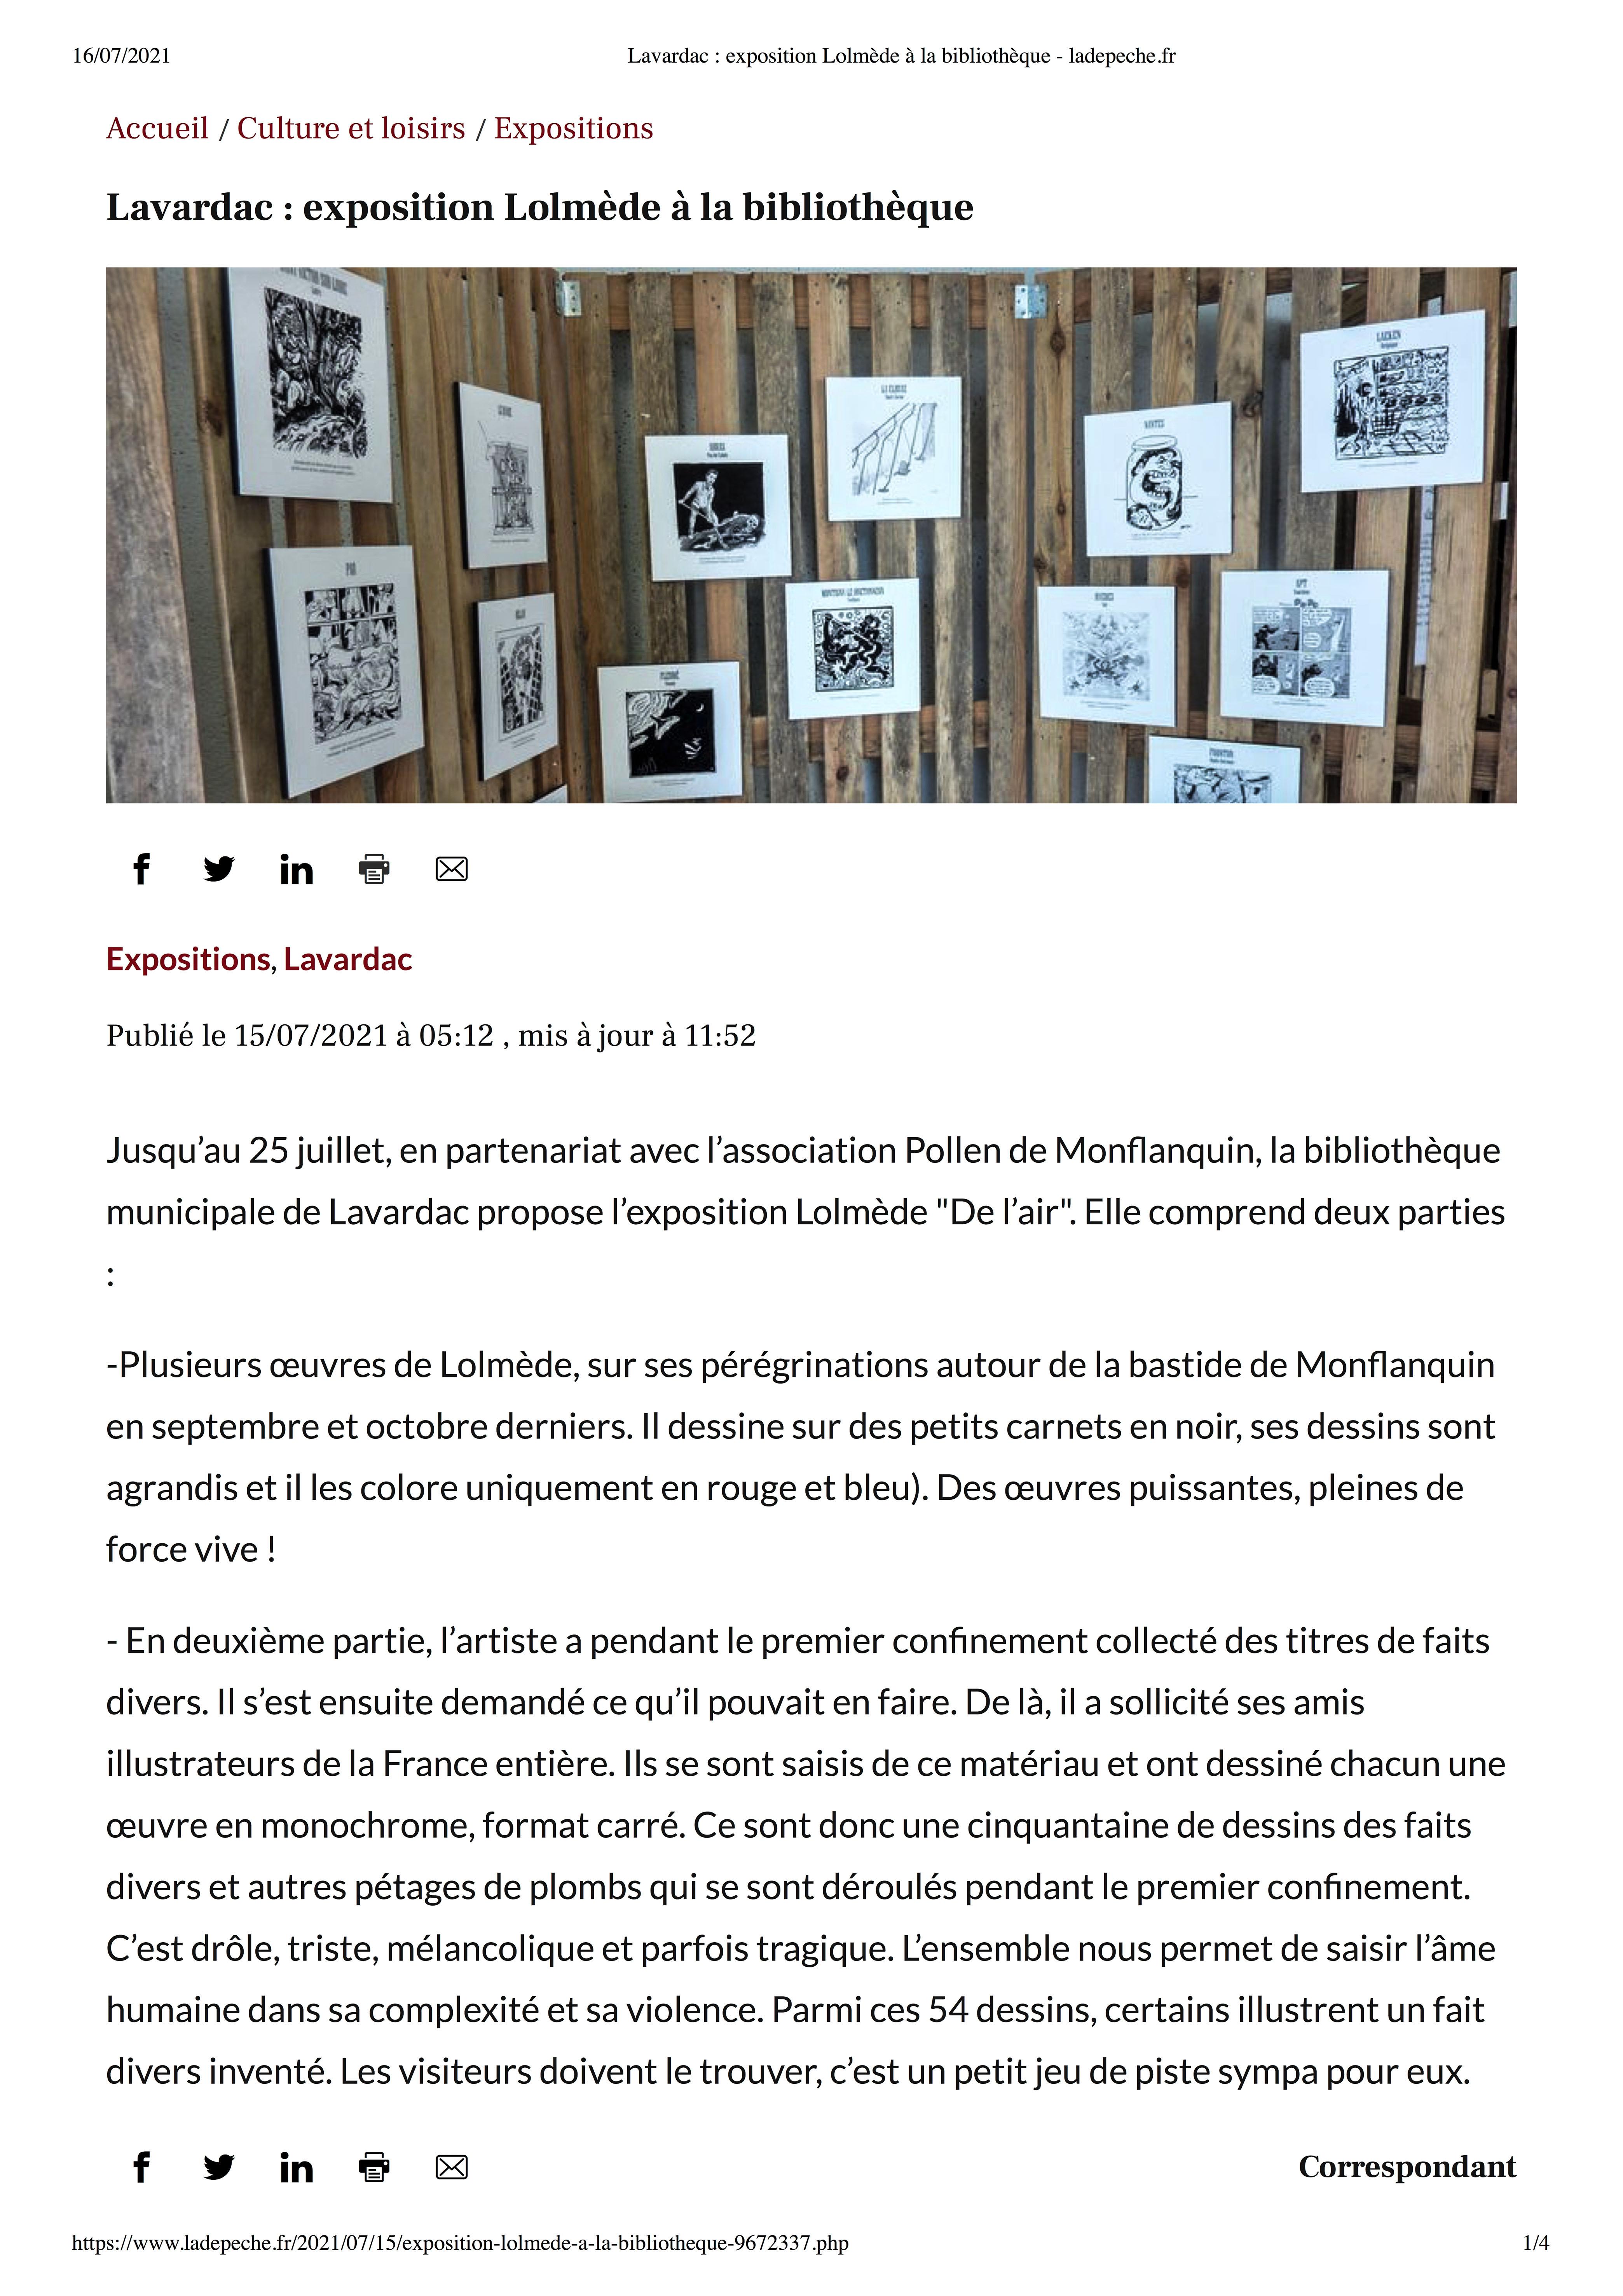 Mu Blondeau - La Depeche - Expo Lavardac - Lolmède